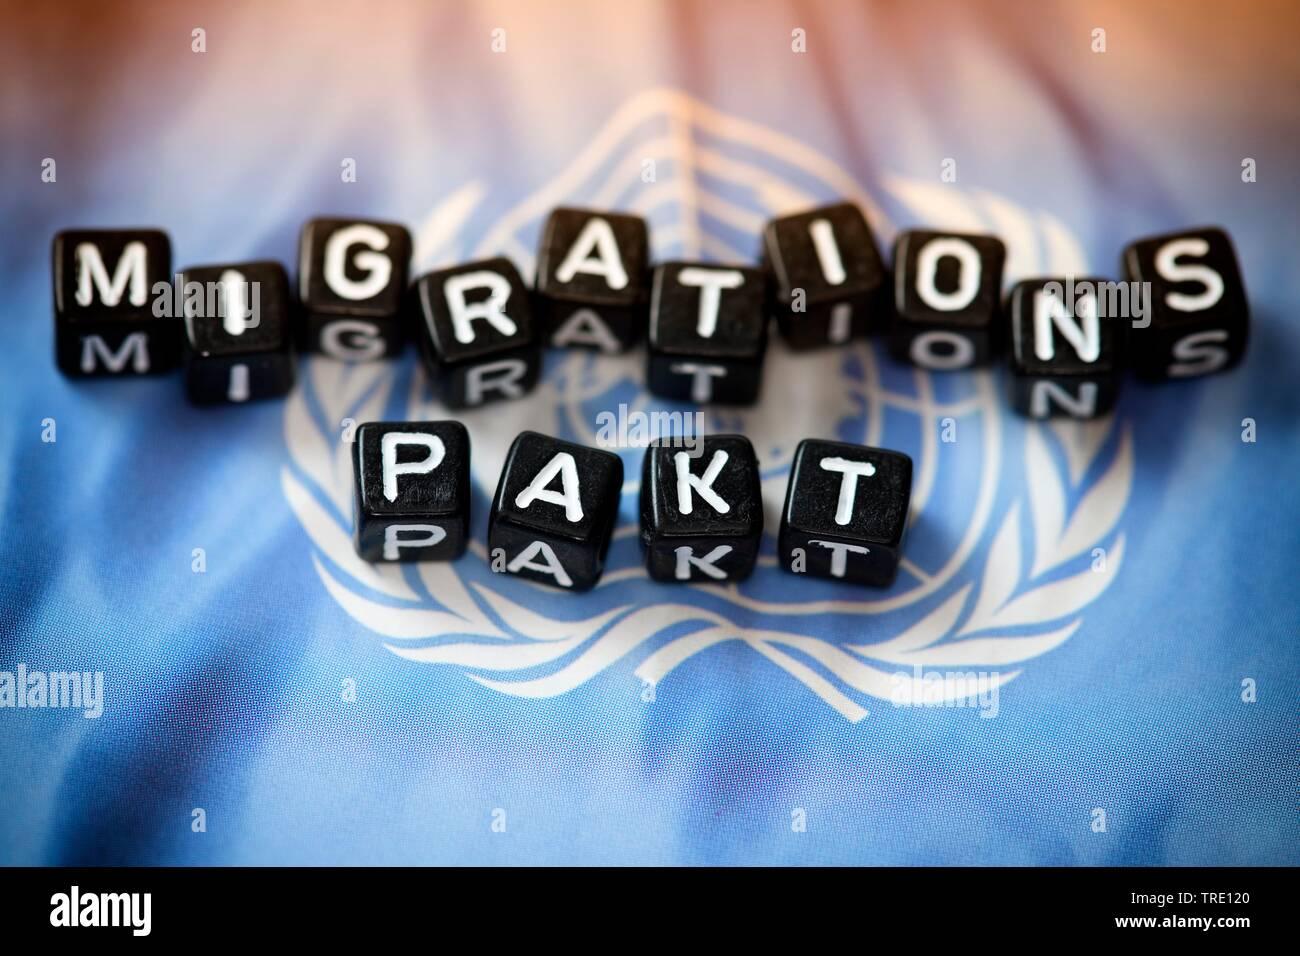 Die Woerter MIGRATIONS PAKT auf einer UN-Flagge, aus Buchstabenwuerfeln gebildet | Lettering MIGRATIONS PAKT (UN migration pact) on top of the UN flag - Stock Image